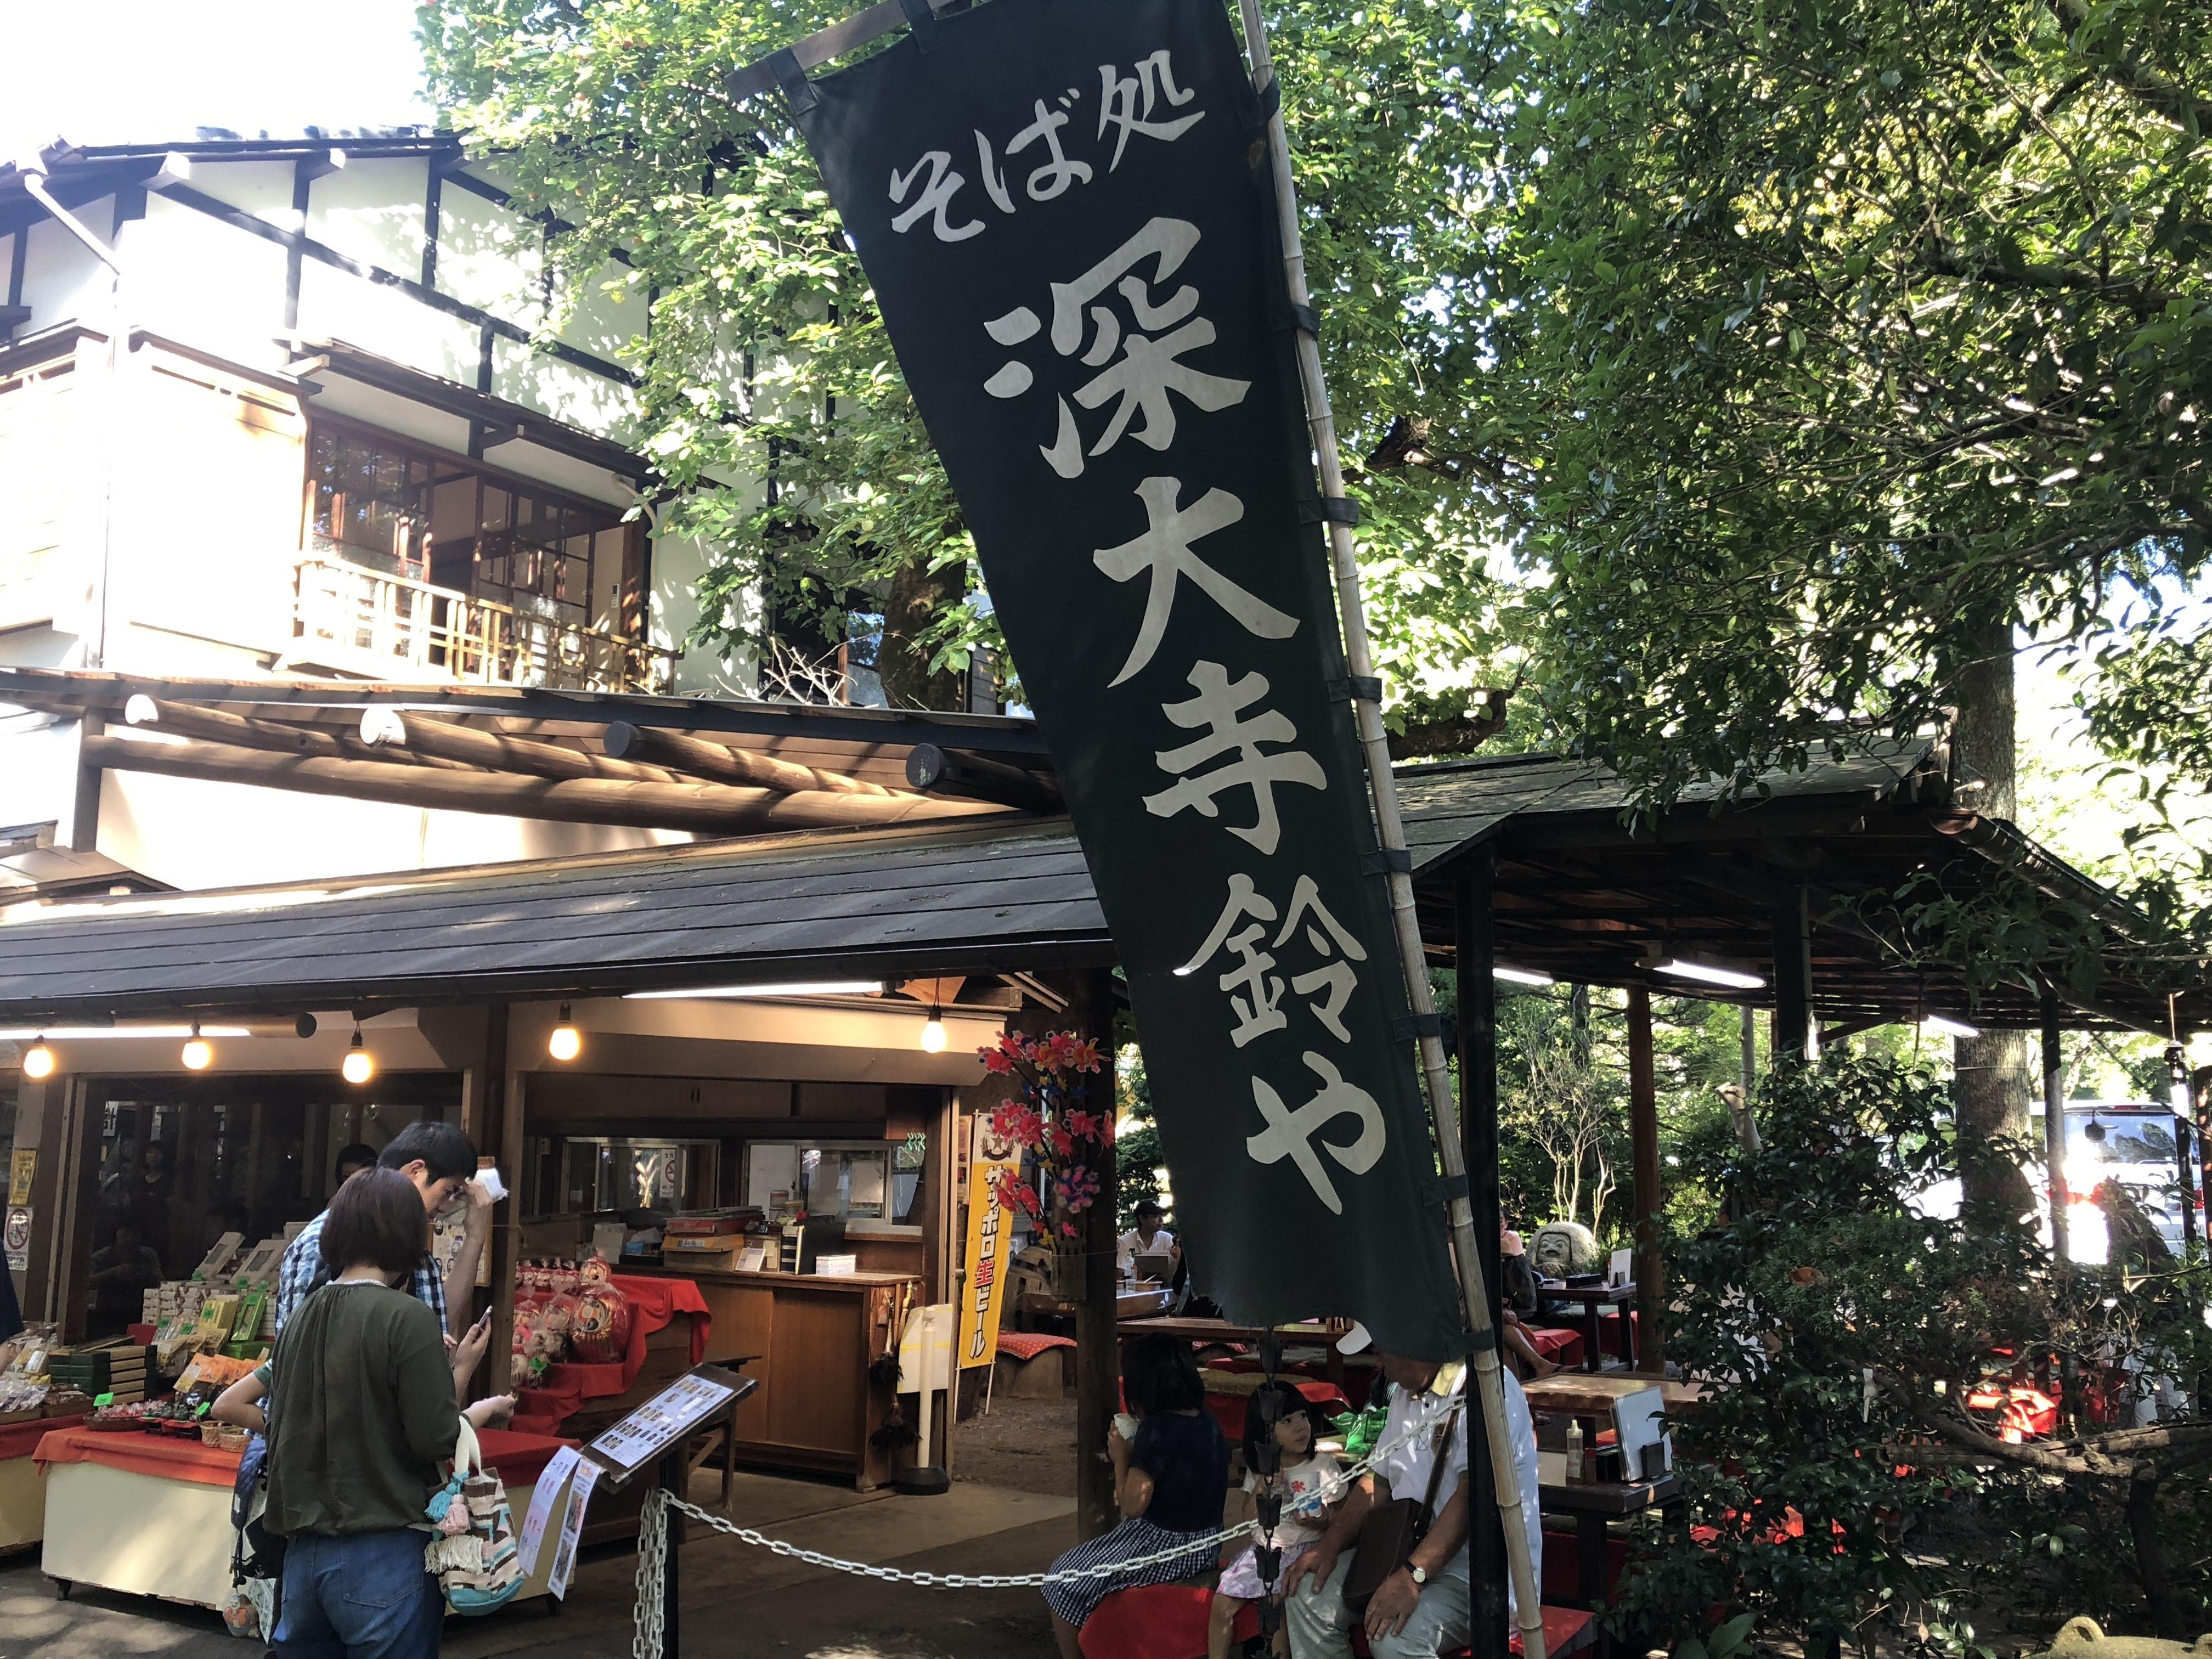 調布「深大寺」鬼太郎茶屋の向かいは「そば処 鈴や」さん